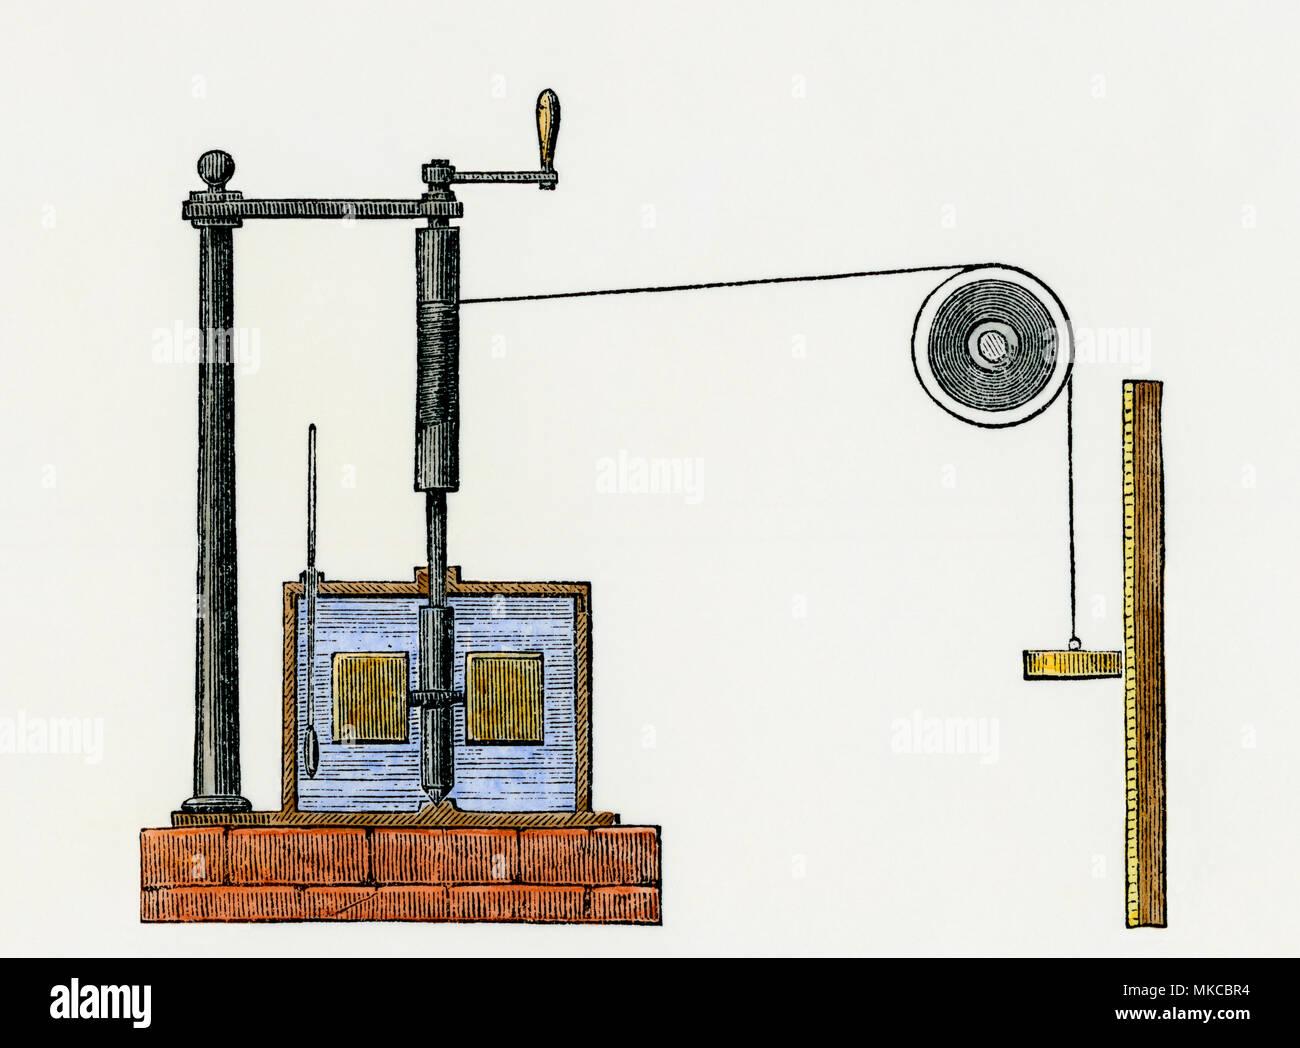 Schéma électrique de l'appareil de Joule pour l'étude de la chaleur. À la main, gravure sur bois Banque D'Images